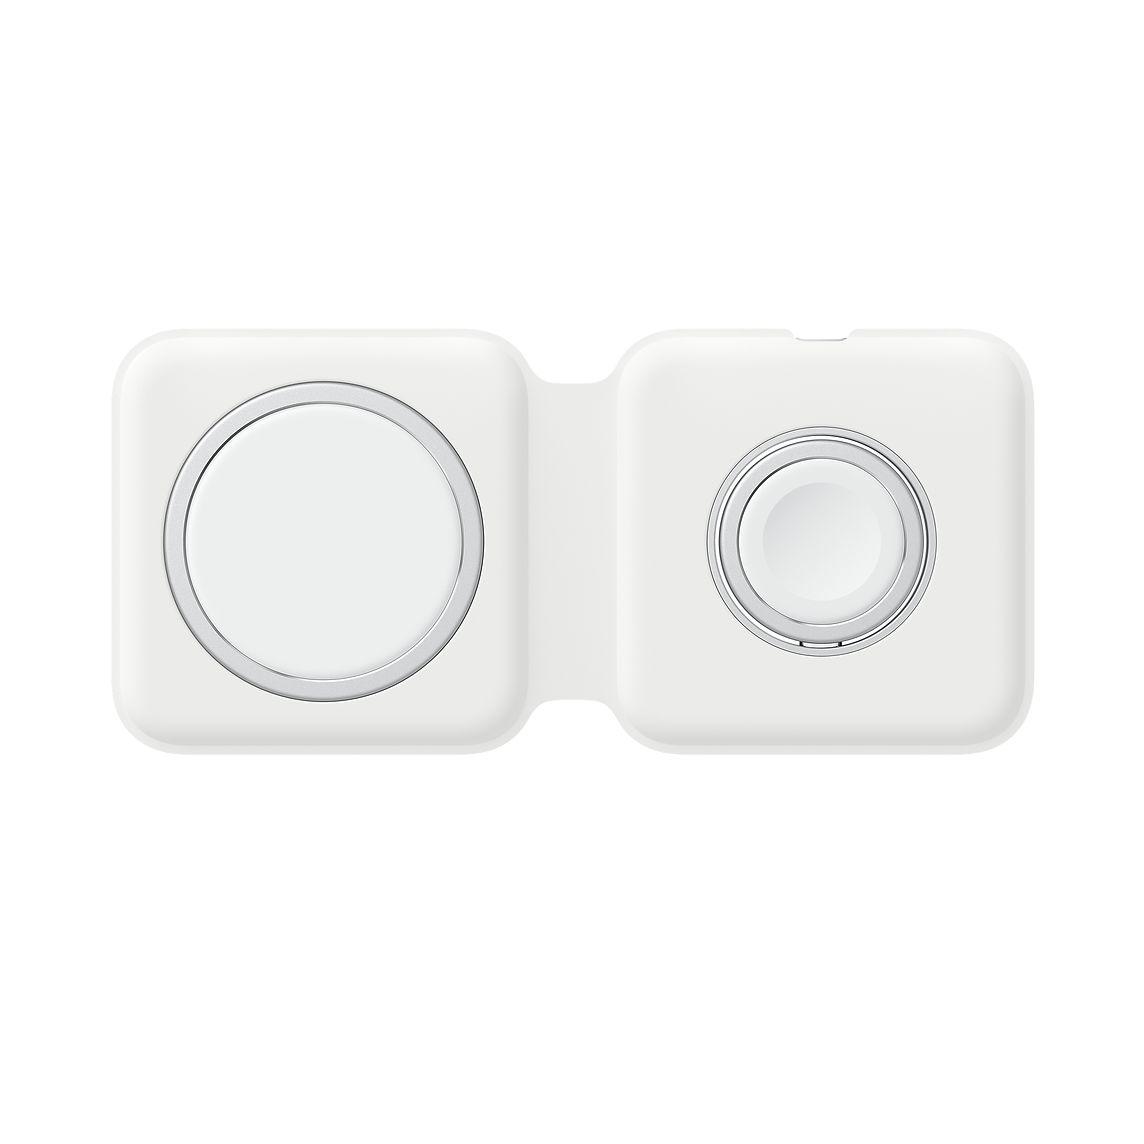 Apple 苹果 MagSafe 双项充电器